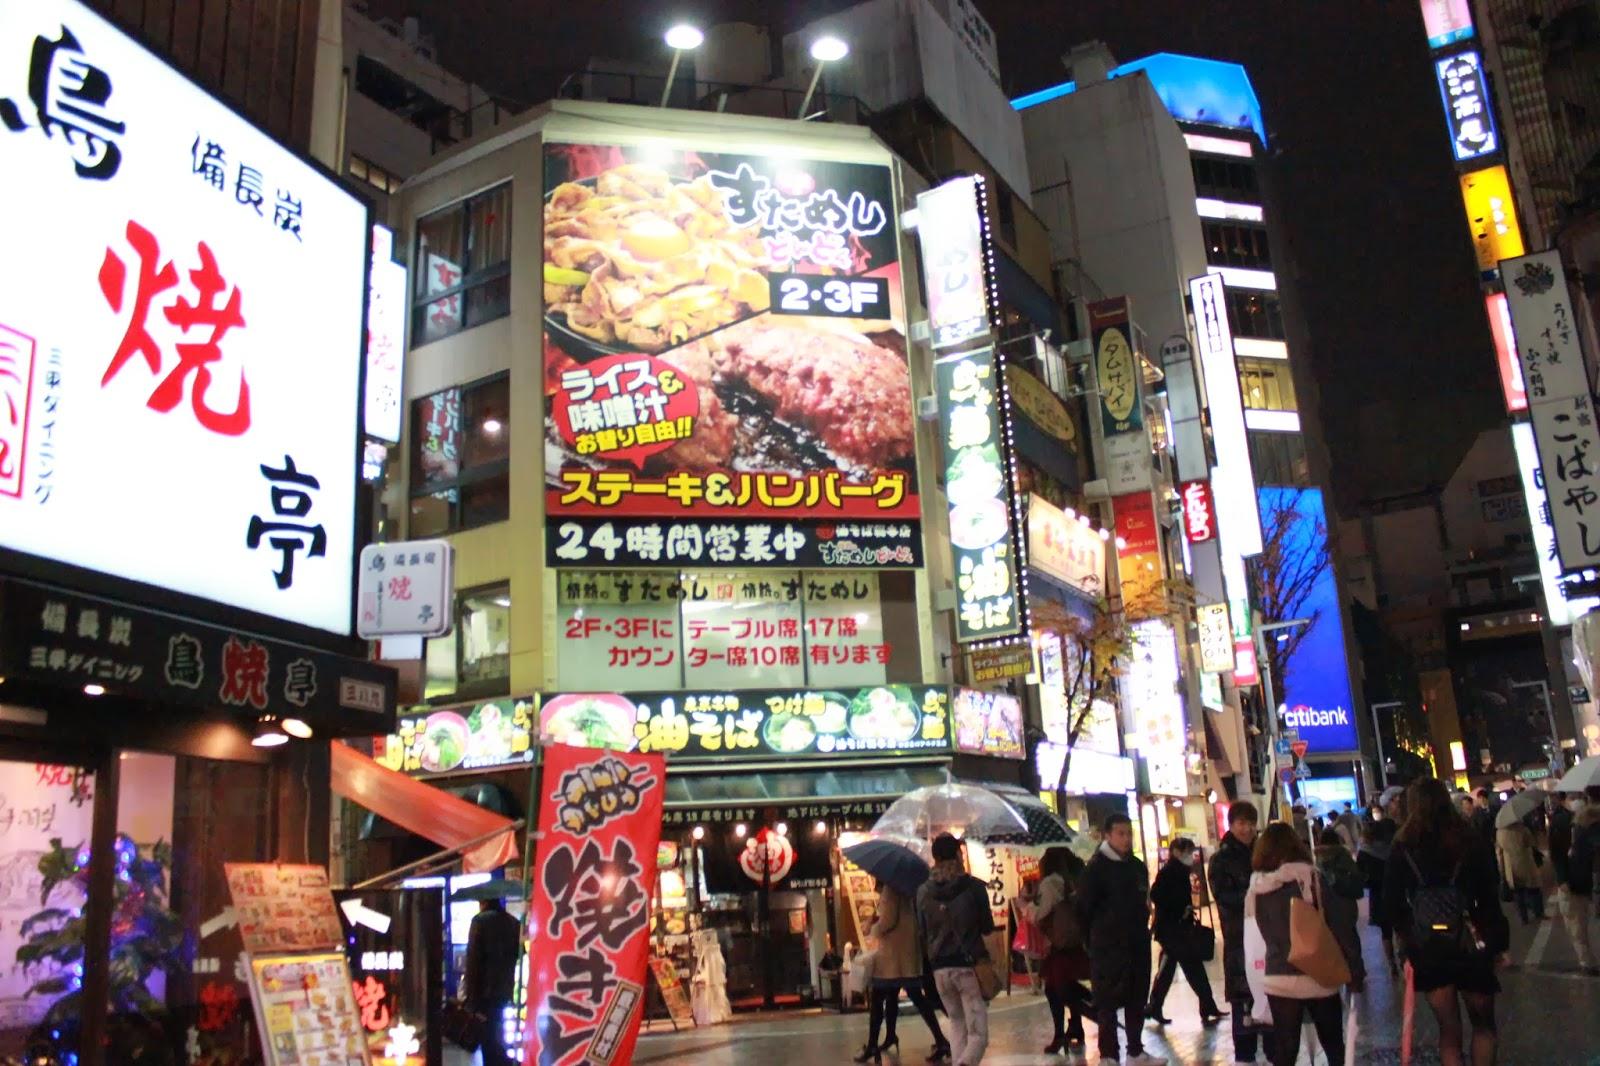 Shinjuku Restaurants